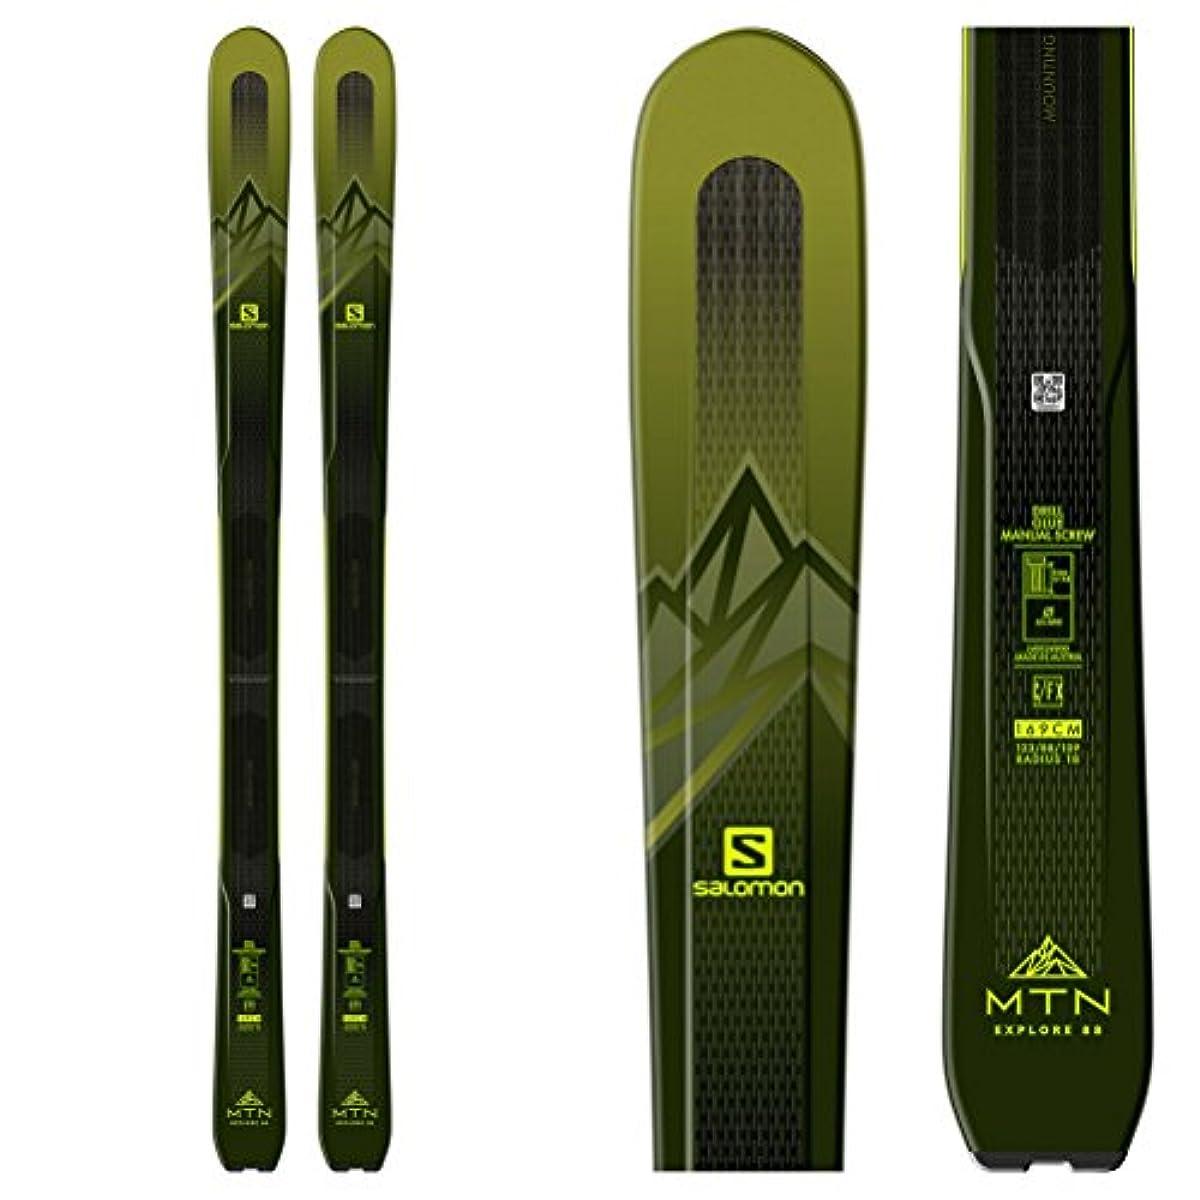 [해외] SALOMON MTN EXPLORE 88 스키